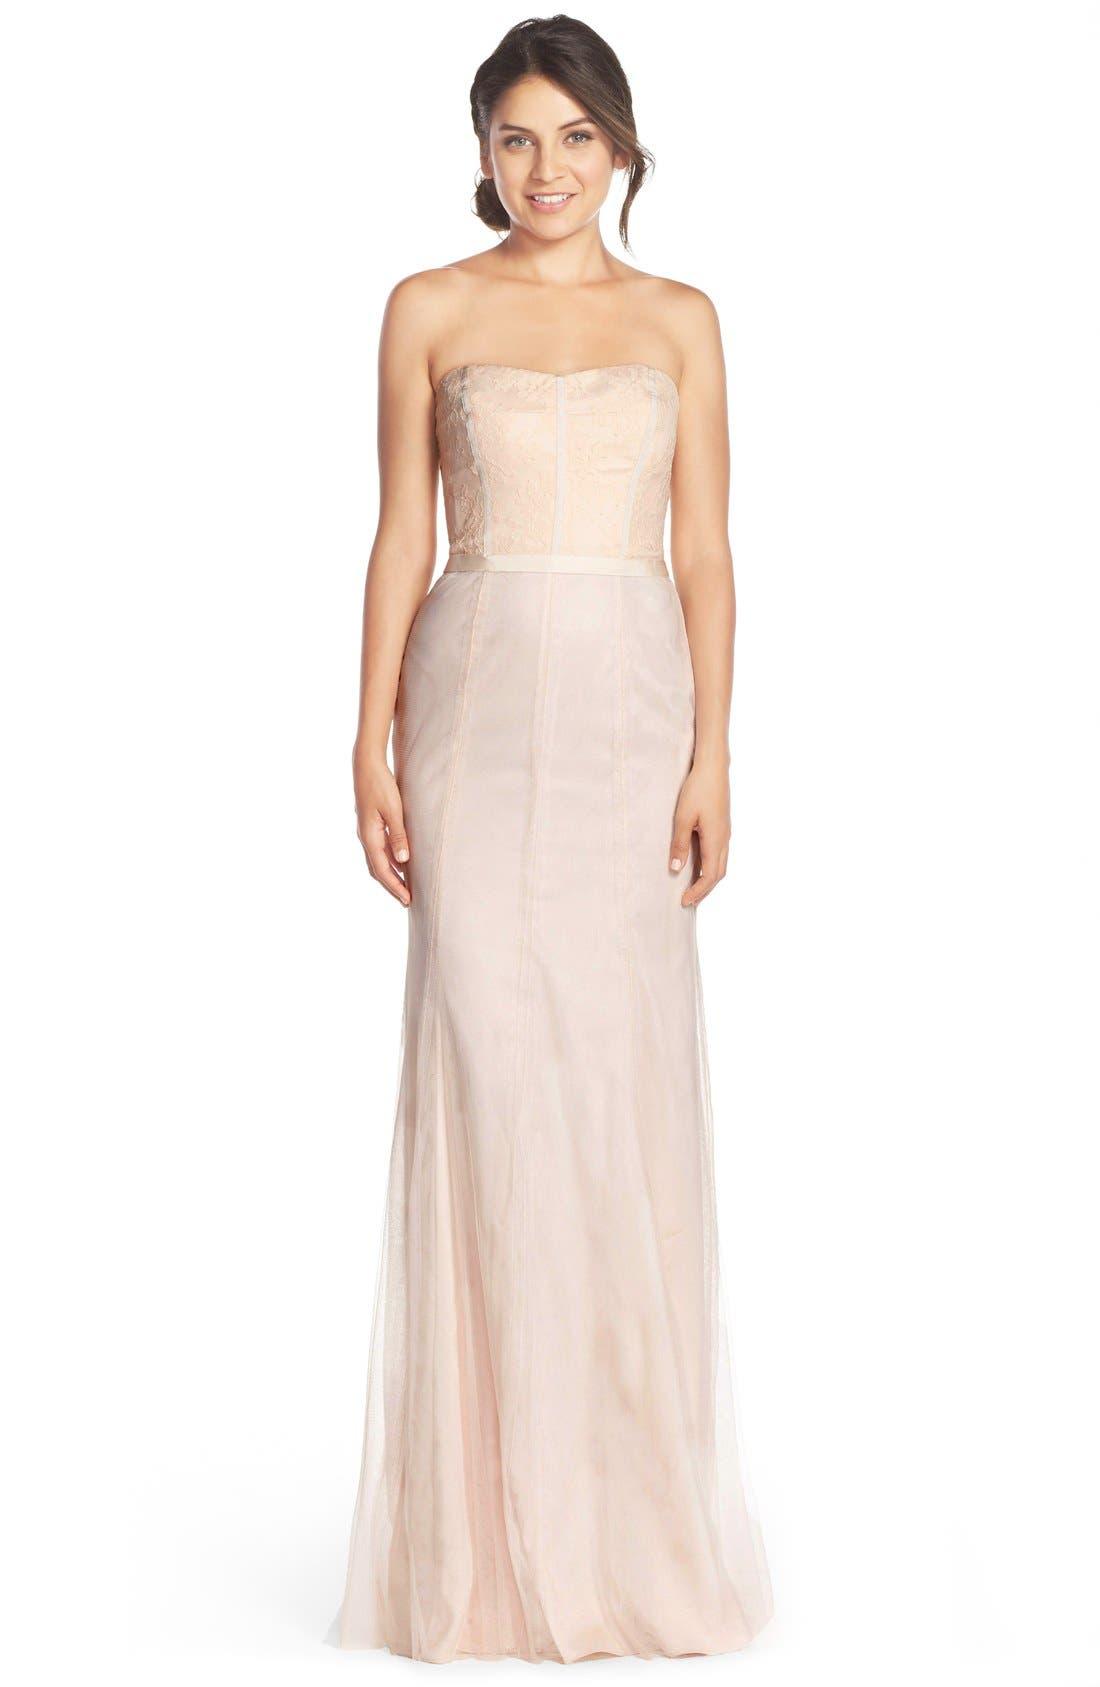 MONIQUE LHUILLIER BRIDESMAIDS,                             Strapless Lace & Tulle Gown,                             Main thumbnail 1, color,                             697